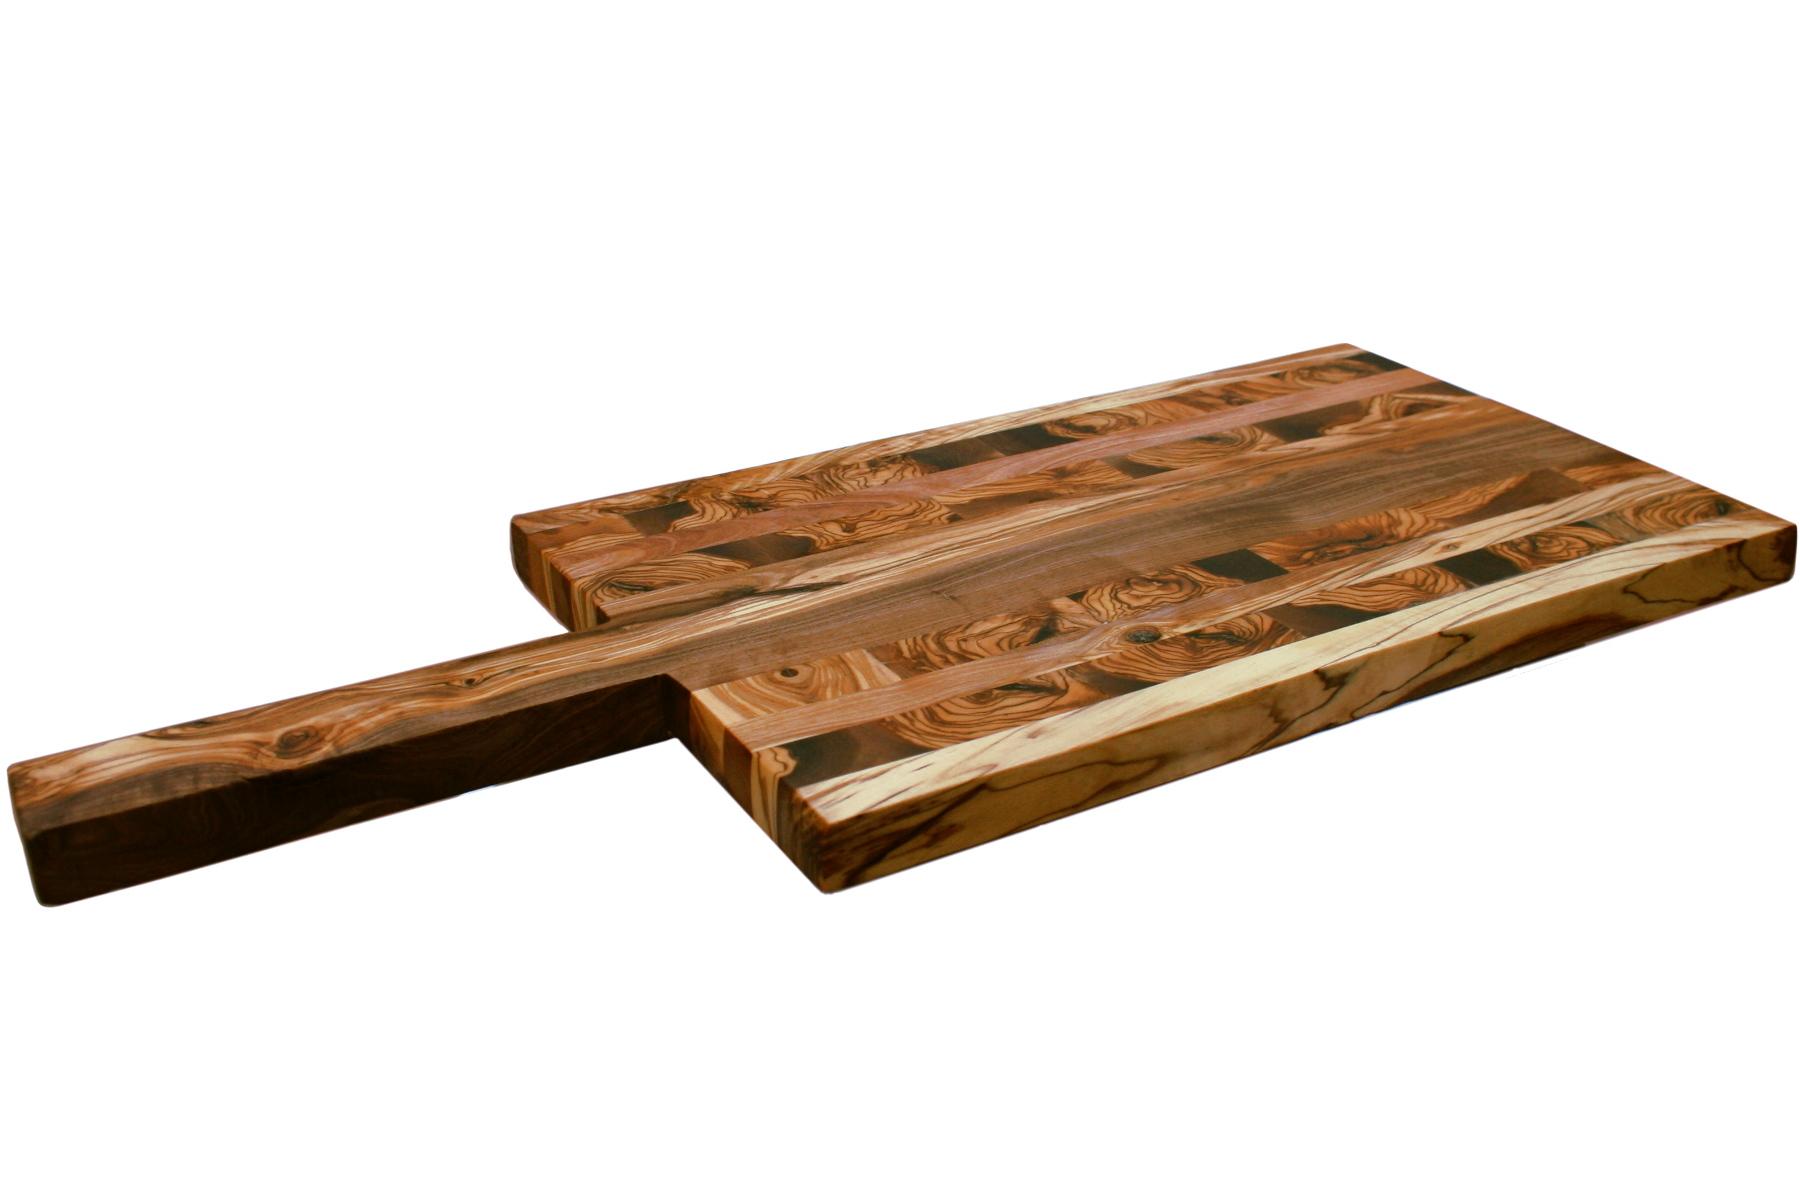 Tablas de cocina madera de olivo - Tablas de madera precio ...